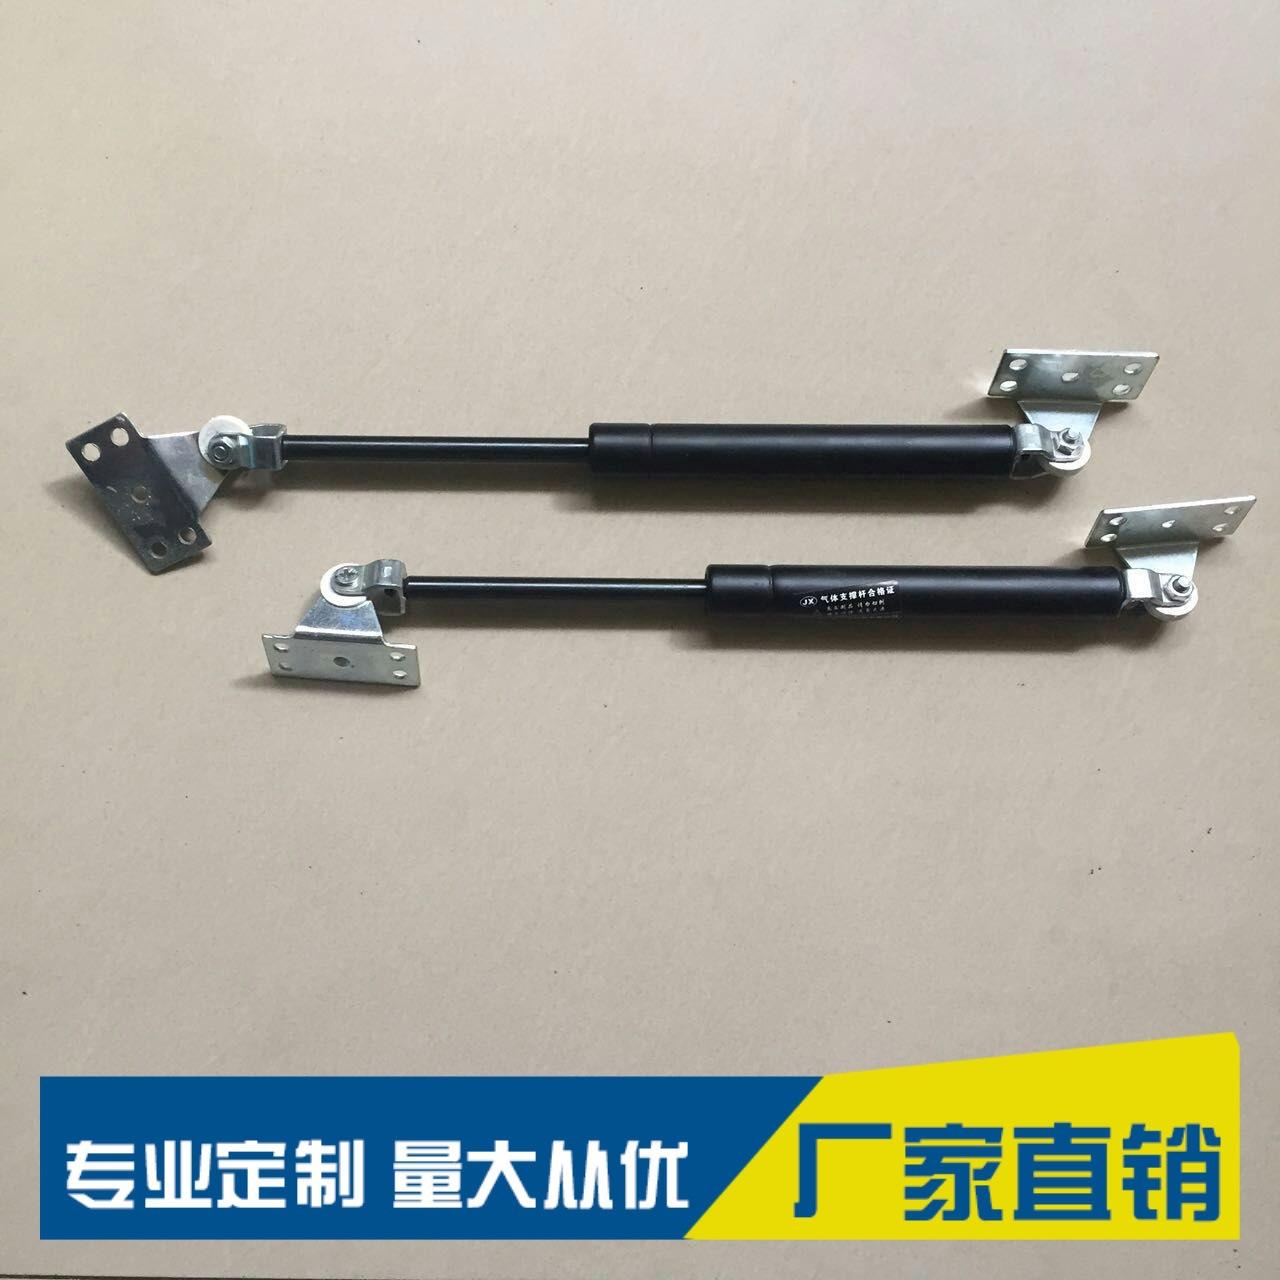 厂家直销机动车气体支撑杆专业定制汽车气弹簧床箱气动杆液压杆图片